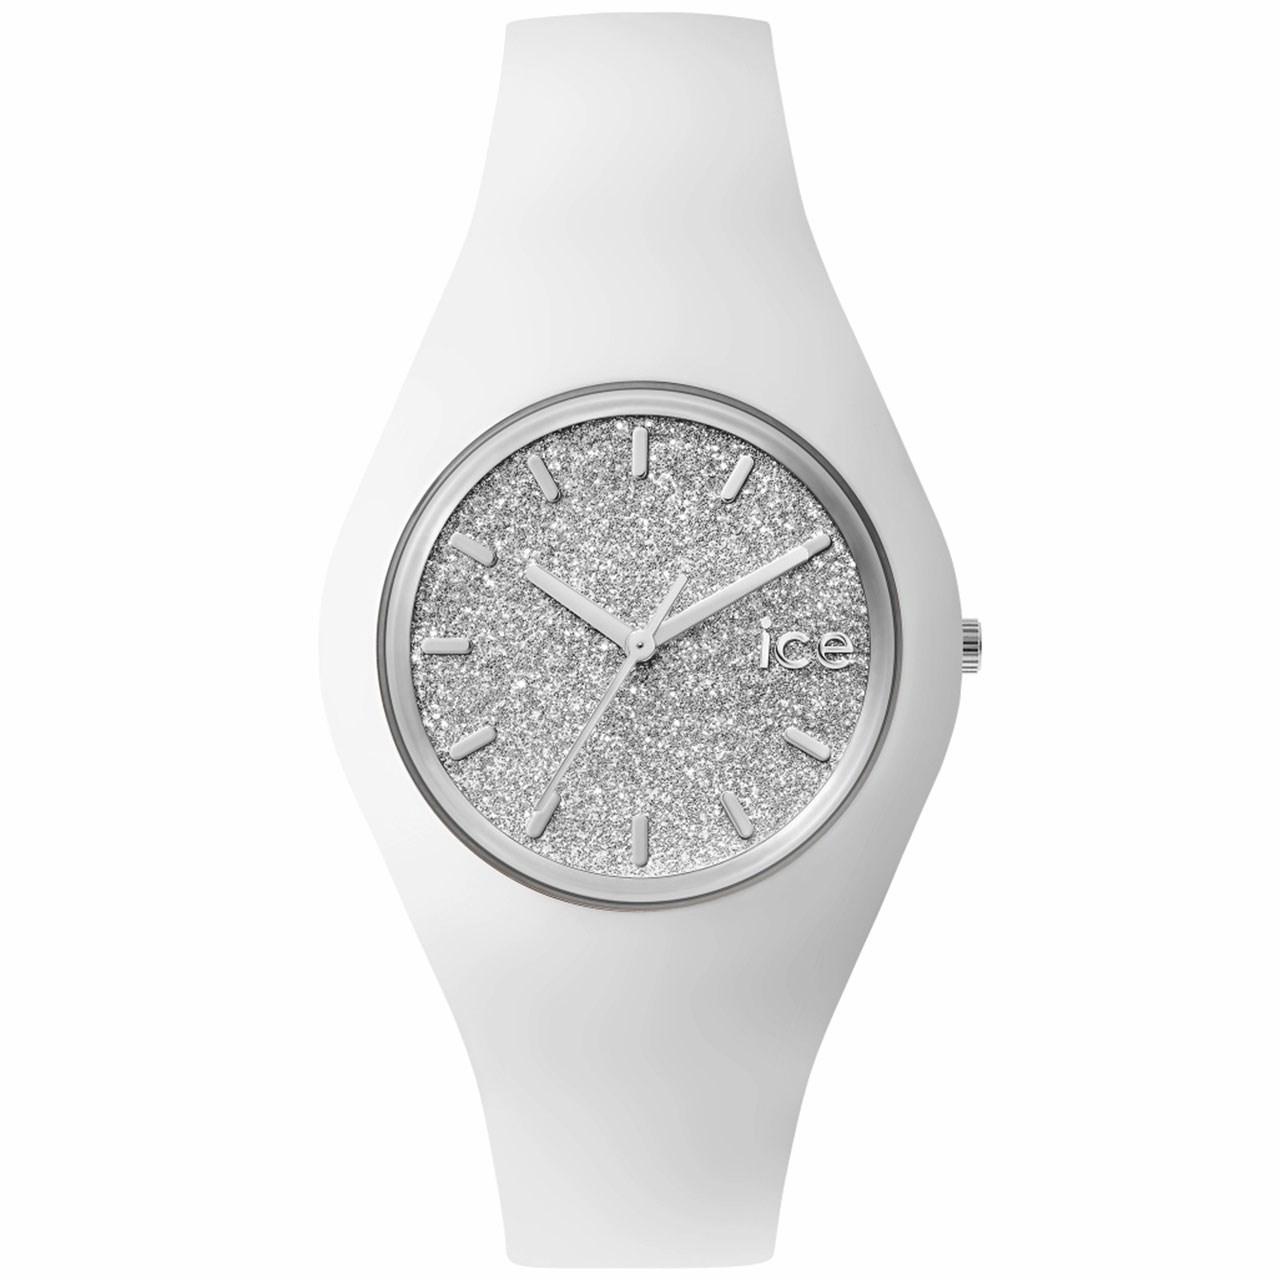 ساعت مچی عقربه ای زنانه آیس واچ مدل ICE.GT.WSR.S.S.15 51